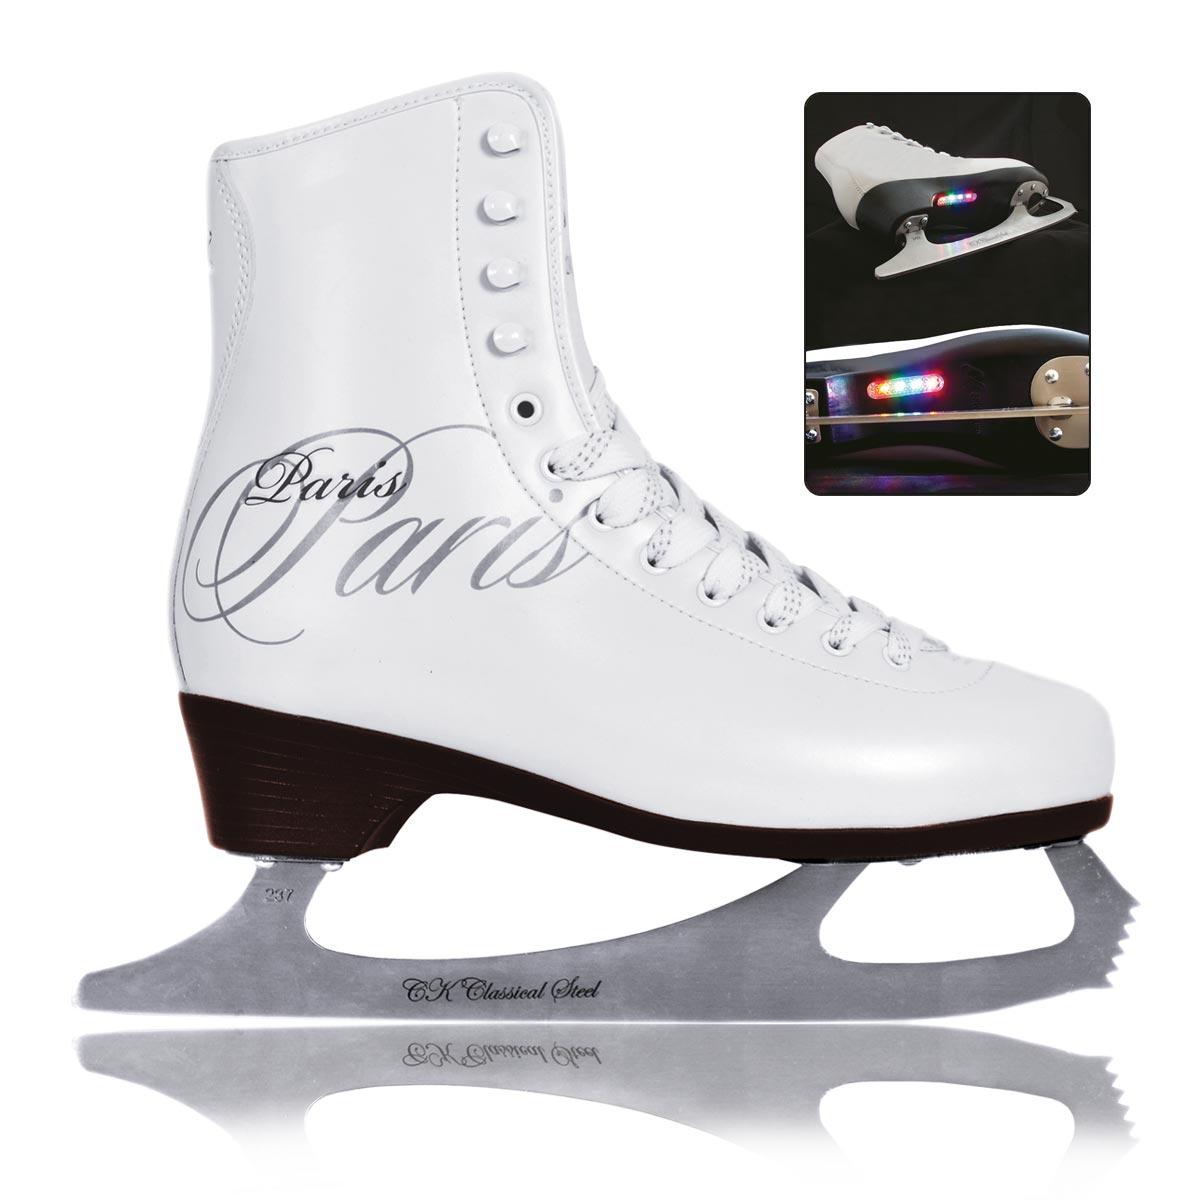 СК Коньки фигурные для девочки CK Paris Lux Tricot, цвет: белый. Размер 34 PARIS LUX tricot_белый_34